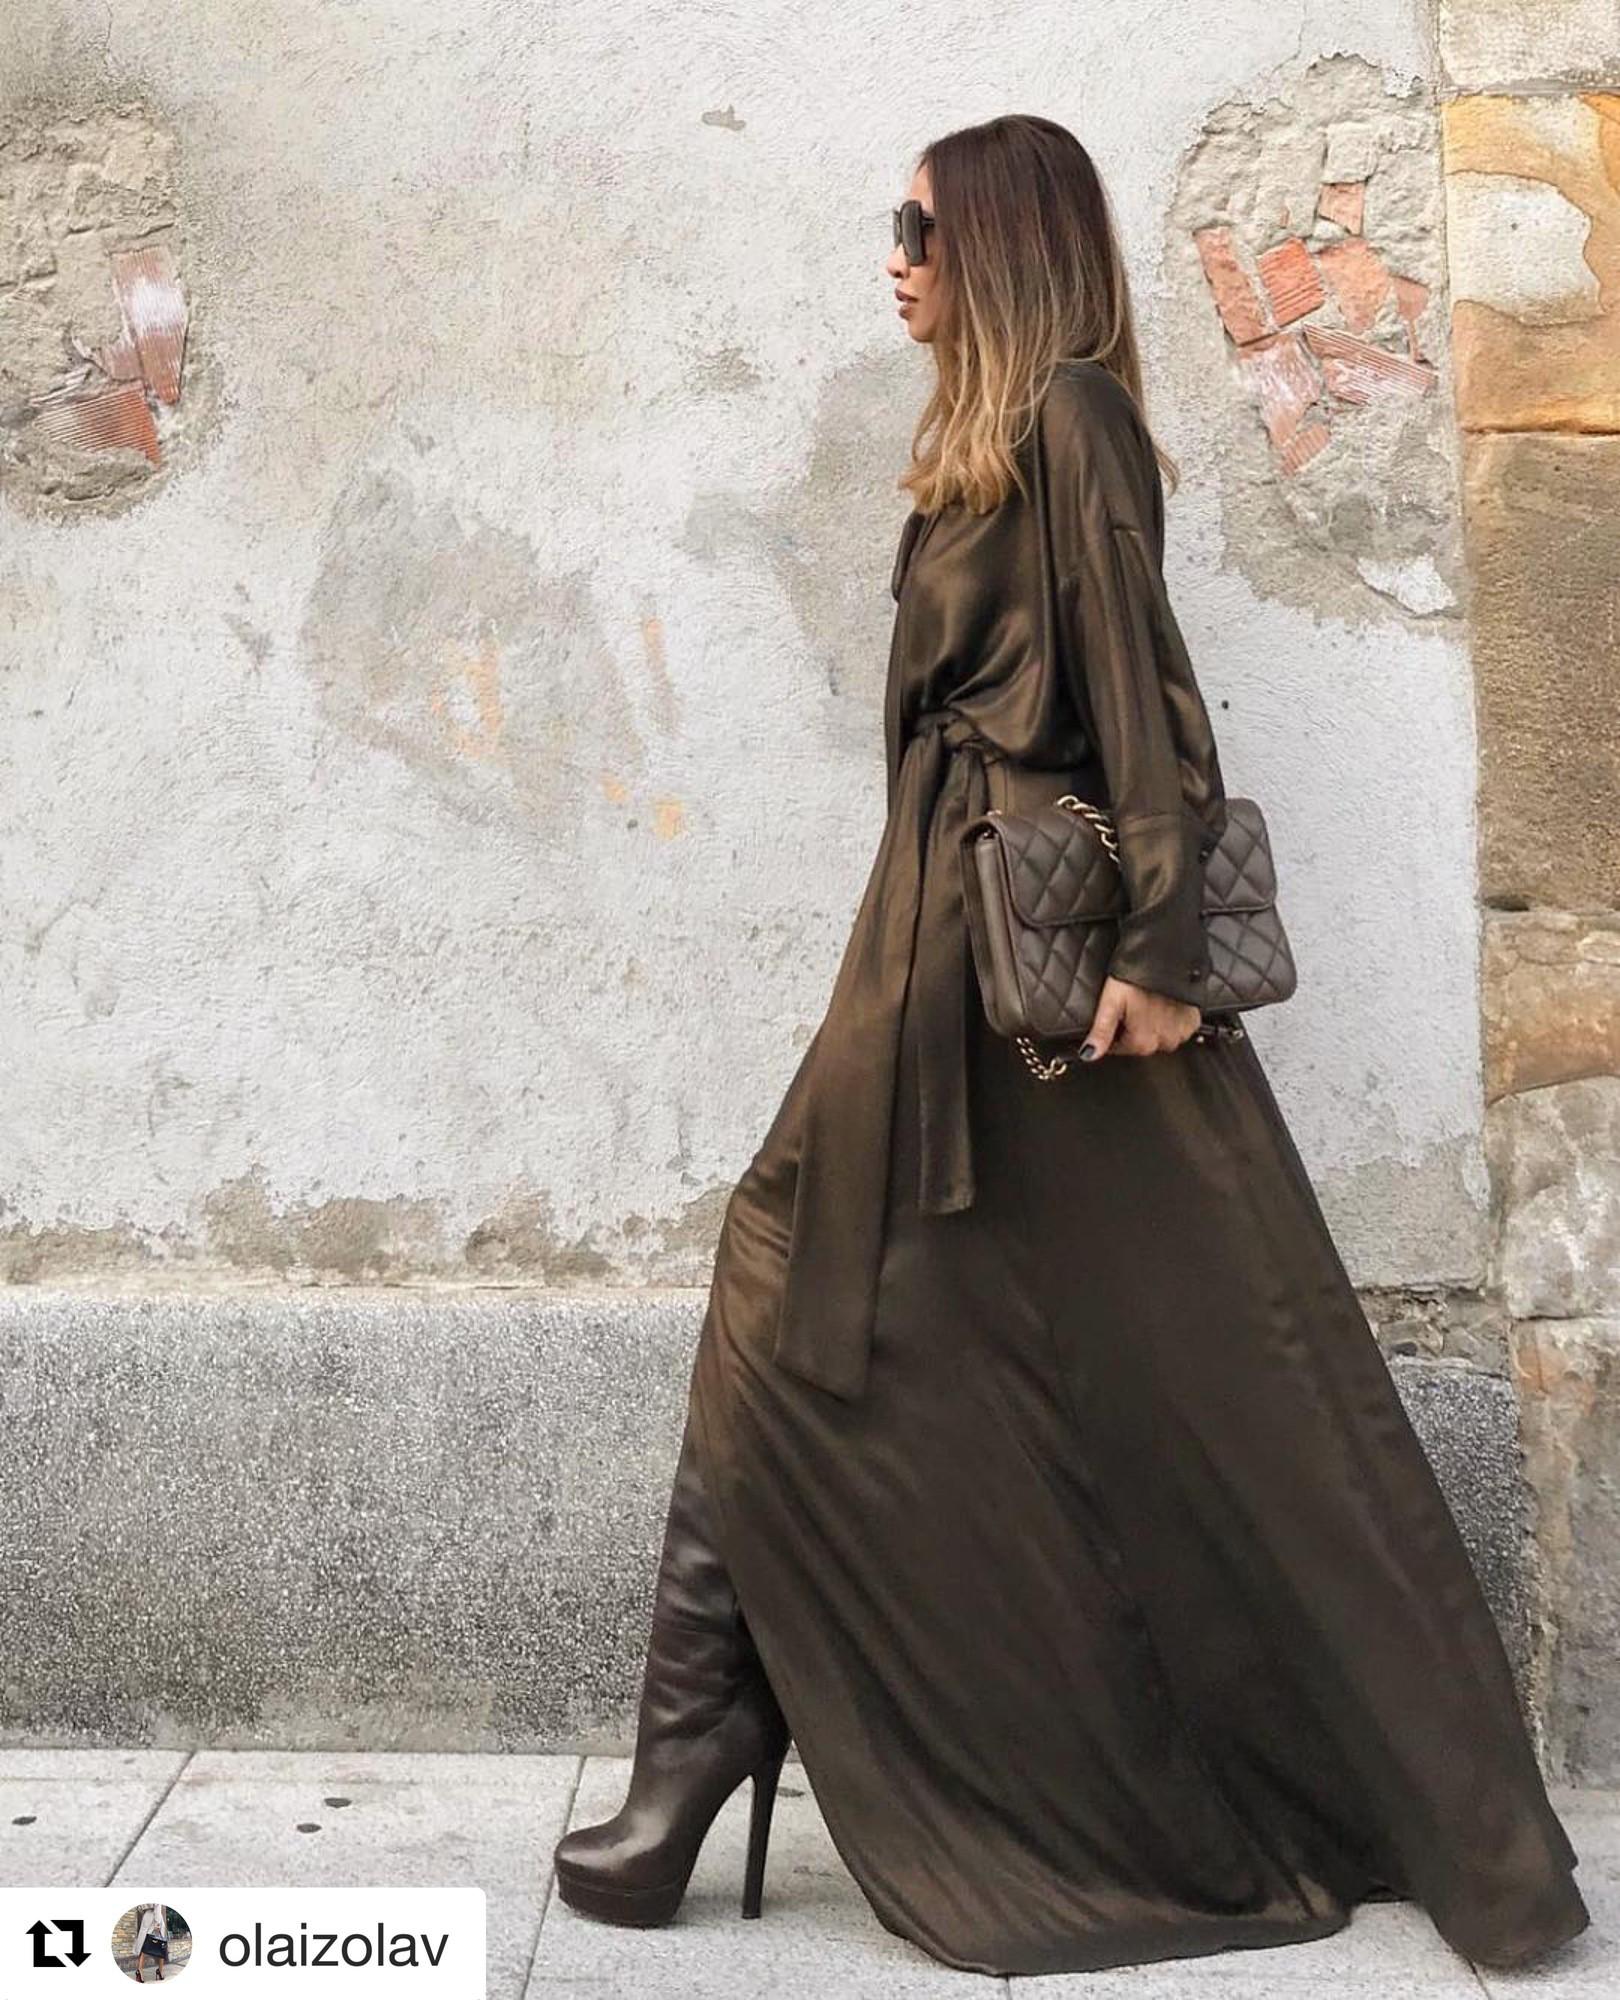 213d2e23d9e8 Access Blog - Access Fashion